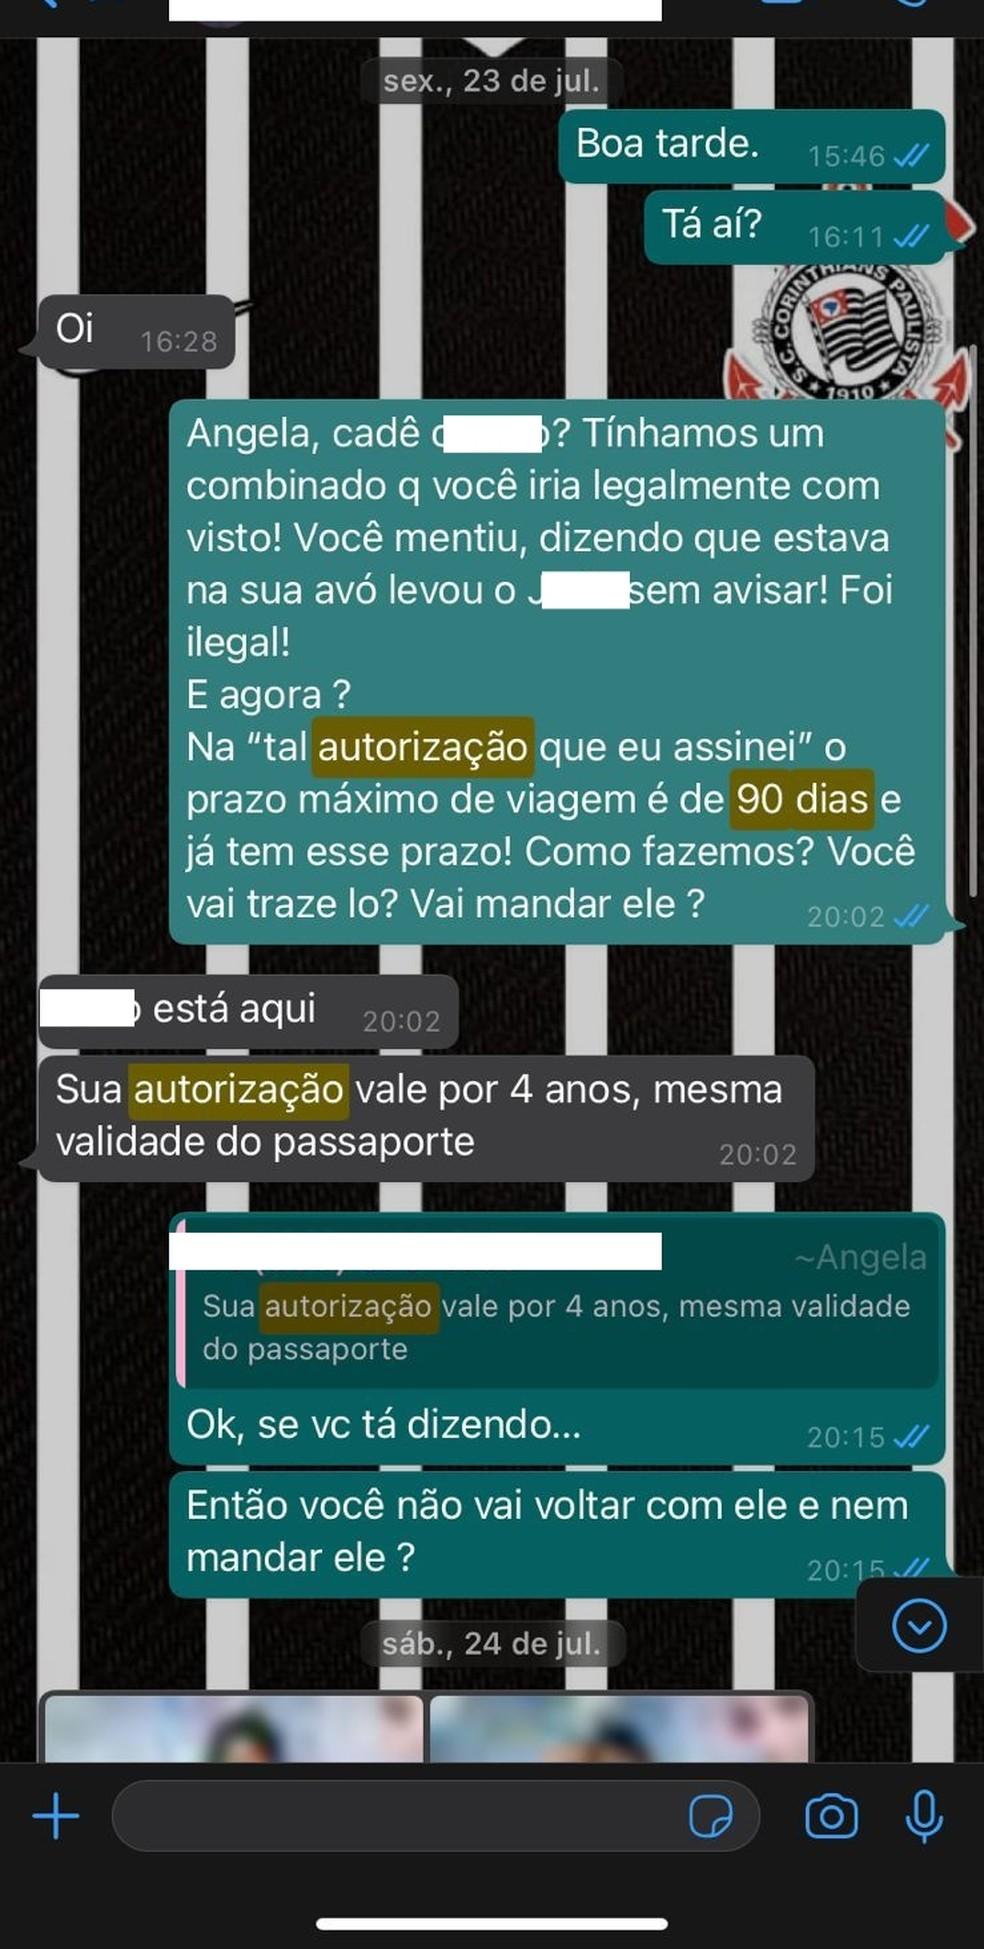 Conversa de WhatsApp entre Álefe e Ângela. — Foto: Álefe Freitas/Arquivo Pessoal